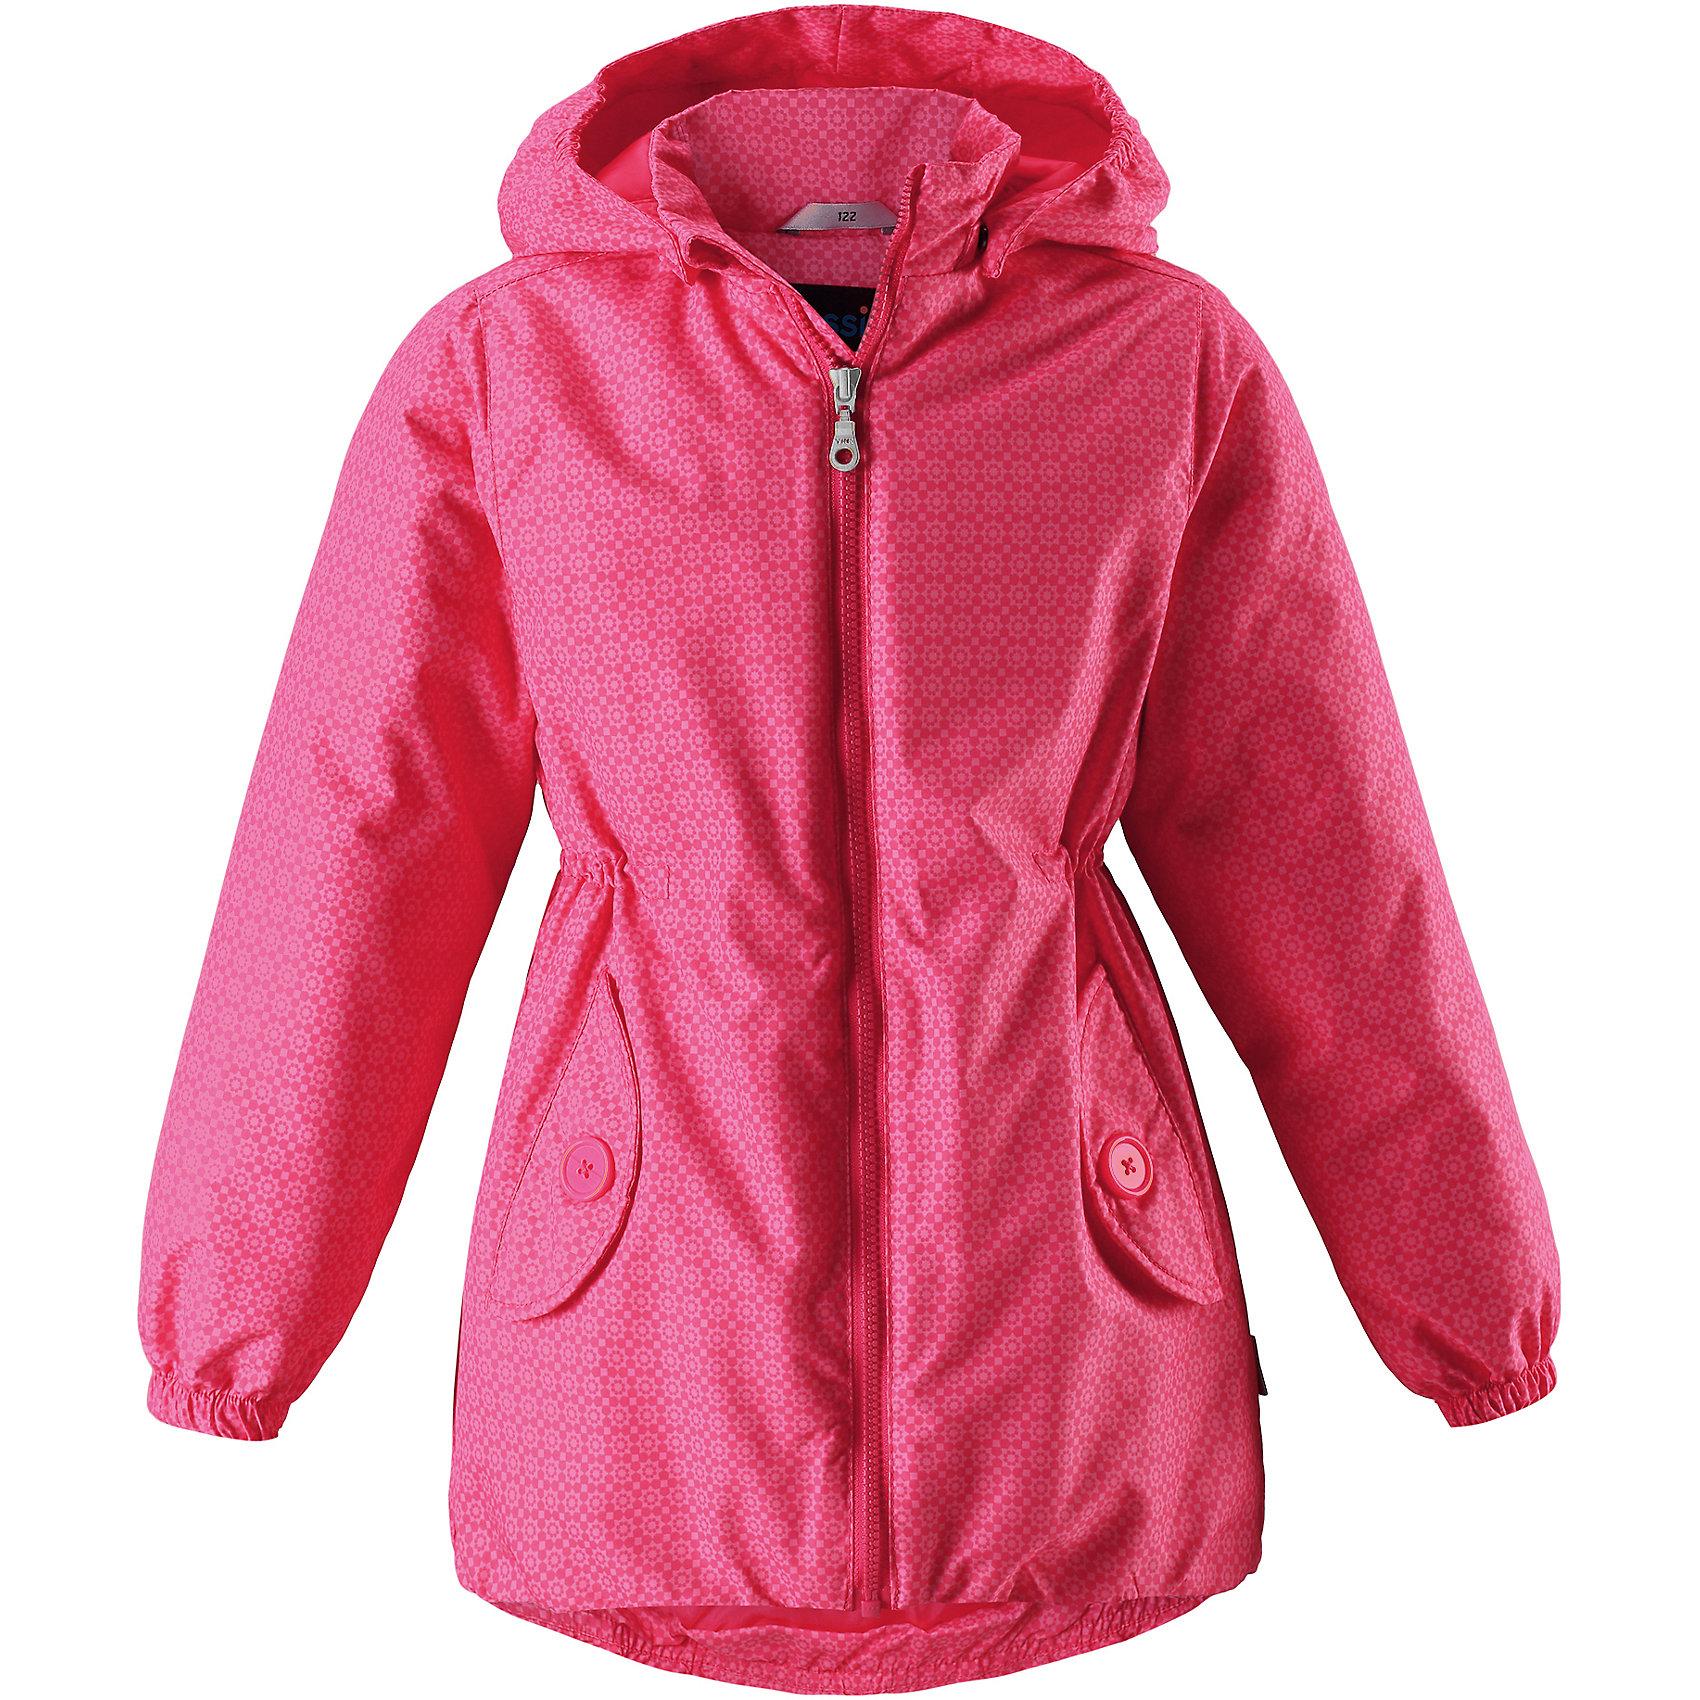 Куртка для девочки LASSIEХарактеристики товара:<br><br>• цвет: розовый<br>• температурный режим: от +10°до 0°С<br>• состав: 100% полиэстер, мембрана 100% полиуретан.<br>• водонепроницаемость: 1000 мм<br>• сопротивление трению: 20000 циклов (тест Мартиндейла).<br>• легкий утеплитель: 80 гр/м2<br>• водоотталкивающий, ветронепроницаемый и «дышащий» материал<br>• подкладка: гладкий полиэстер<br>• обхват талии регулируется<br>• карманы <br>• отстегивающийся капюшон<br>• молния<br>• эластичная кромка подола<br>• эластичные манжеты<br>• комфортная посадка<br>• страна производства: Китай<br>• страна бренда: Финляндия<br>• коллекция: весна-лето 2017<br><br>Демисезонная куртка поможет обеспечить ребенку комфорт и тепло. Она отлично смотрится с различной одеждой и обувью. Изделие удобно сидит и модно выглядит. Материал - водоотталкивающий, ветронепроницаемый и «дышащий». Продуманный крой разрабатывался специально для детей.<br><br>Обувь и одежда от финского бренда LASSIE пользуются популярностью во многих странах. Они стильные, качественные и удобные. Для производства продукции используются только безопасные, проверенные материалы и фурнитура. Порадуйте ребенка модными и красивыми вещами от Lassie®! <br><br>Куртку для девочки от финского бренда LASSIE можно купить в нашем интернет-магазине.<br><br>Ширина мм: 356<br>Глубина мм: 10<br>Высота мм: 245<br>Вес г: 519<br>Цвет: розовый<br>Возраст от месяцев: 96<br>Возраст до месяцев: 108<br>Пол: Женский<br>Возраст: Детский<br>Размер: 128,122,104,98,92,140,134,116,110<br>SKU: 5265040